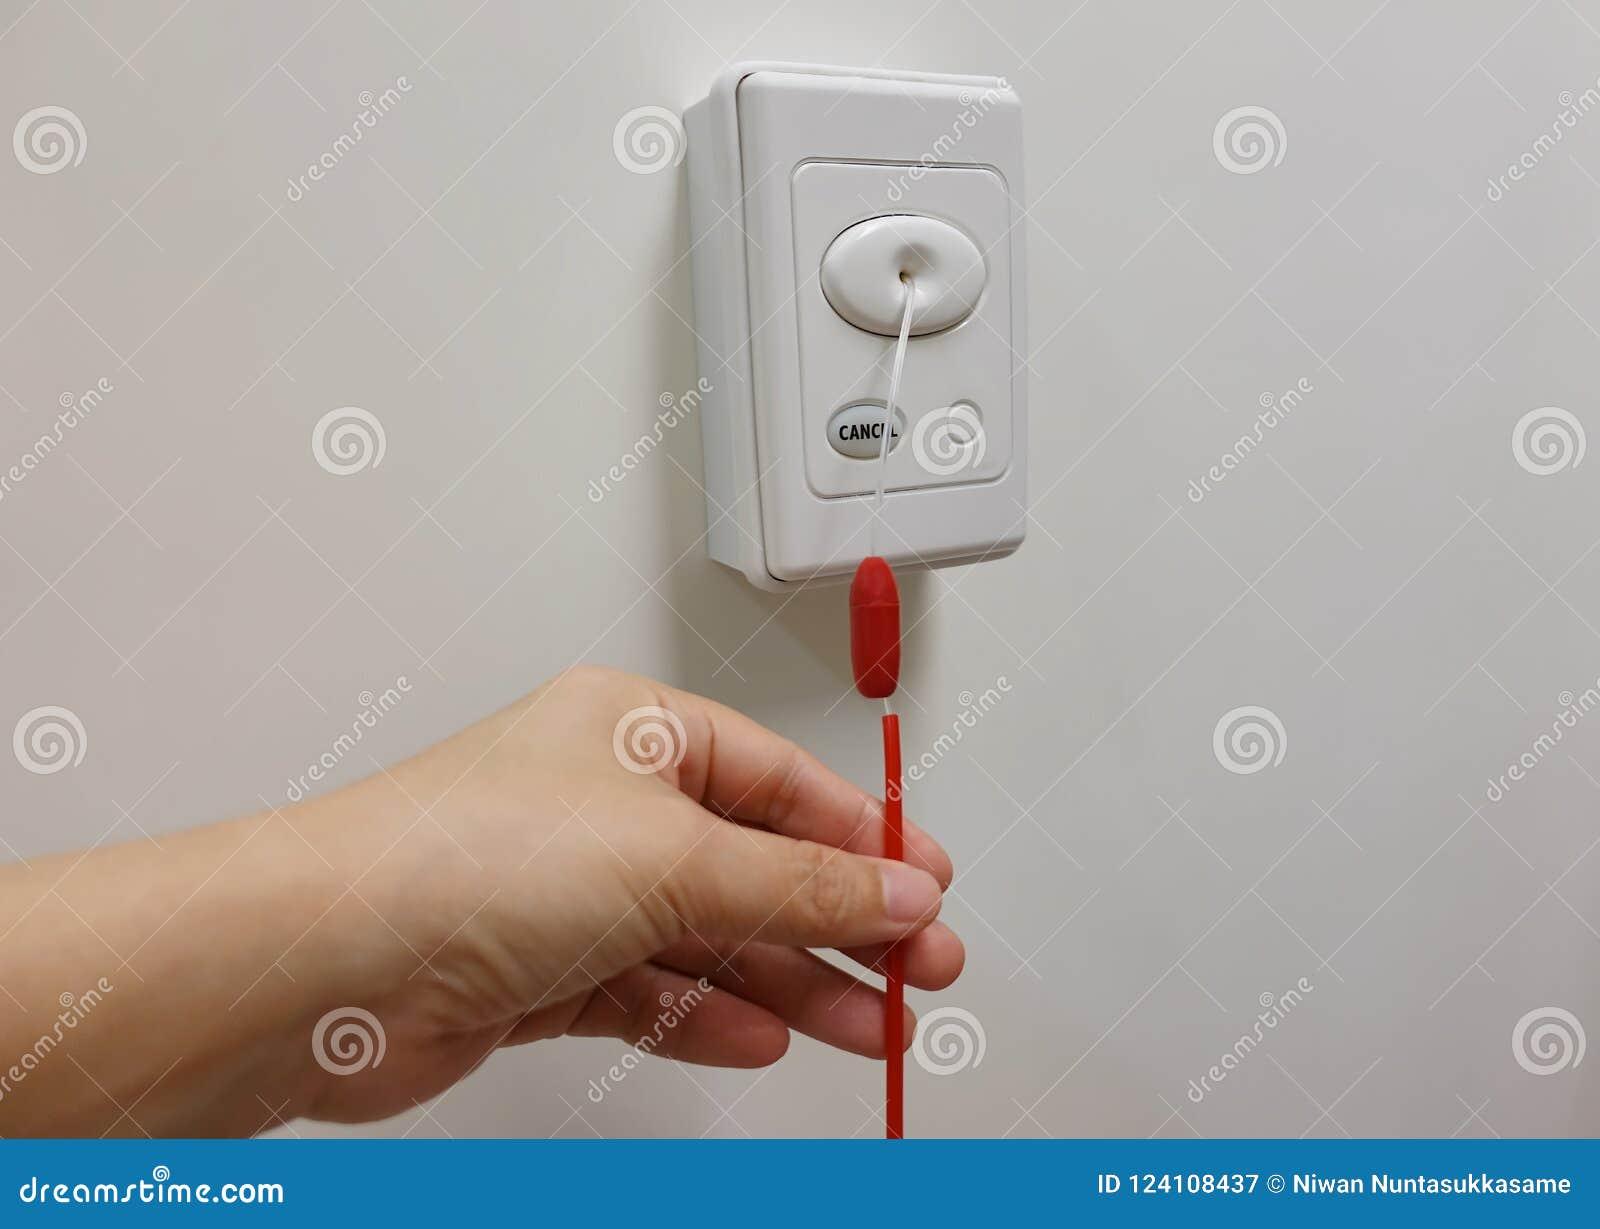 Wachsamer Knopf des Notrufs in der Krankenhaustoilette